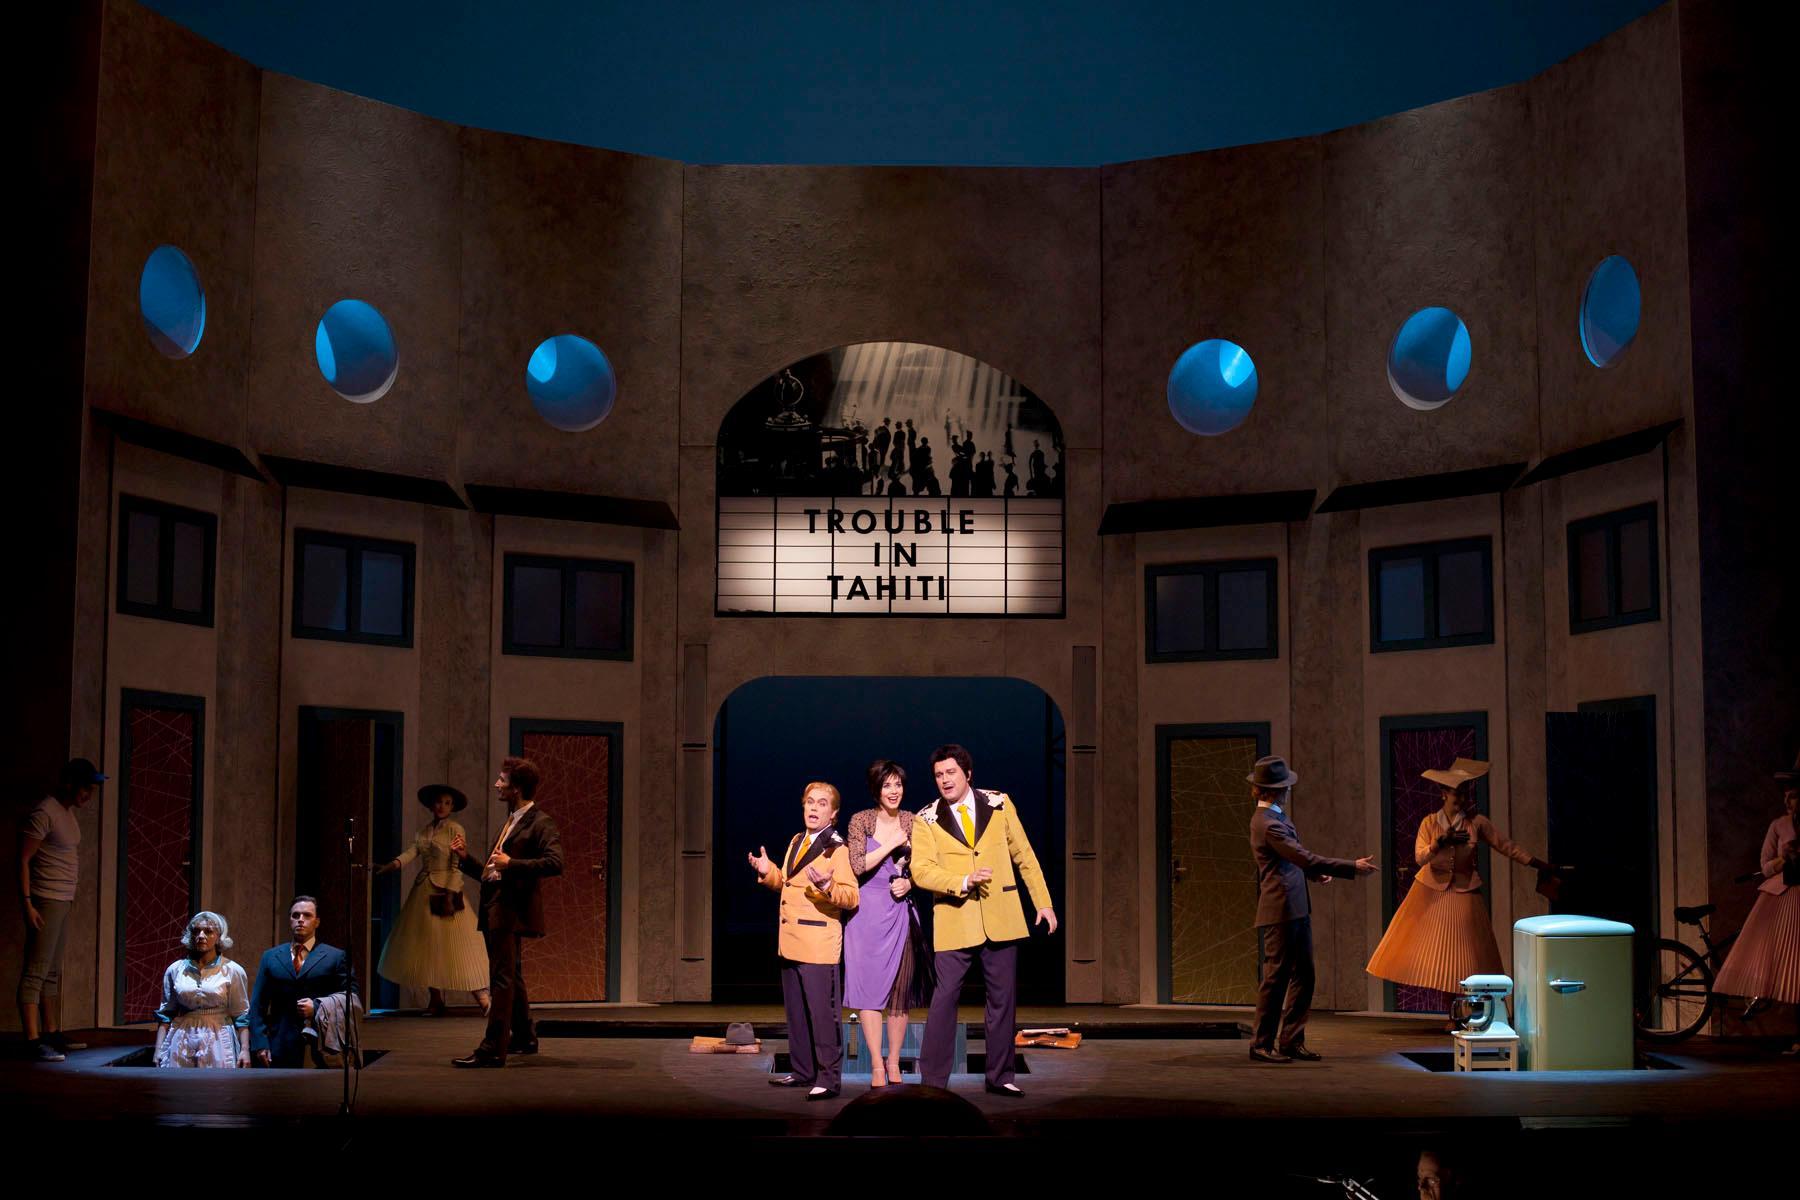 Trouble in Tahiti på Kungliga Operan, Beatrice Orler i mitten mellan sina triokollegor Klas Hedlund och Gunnar Lundberg.